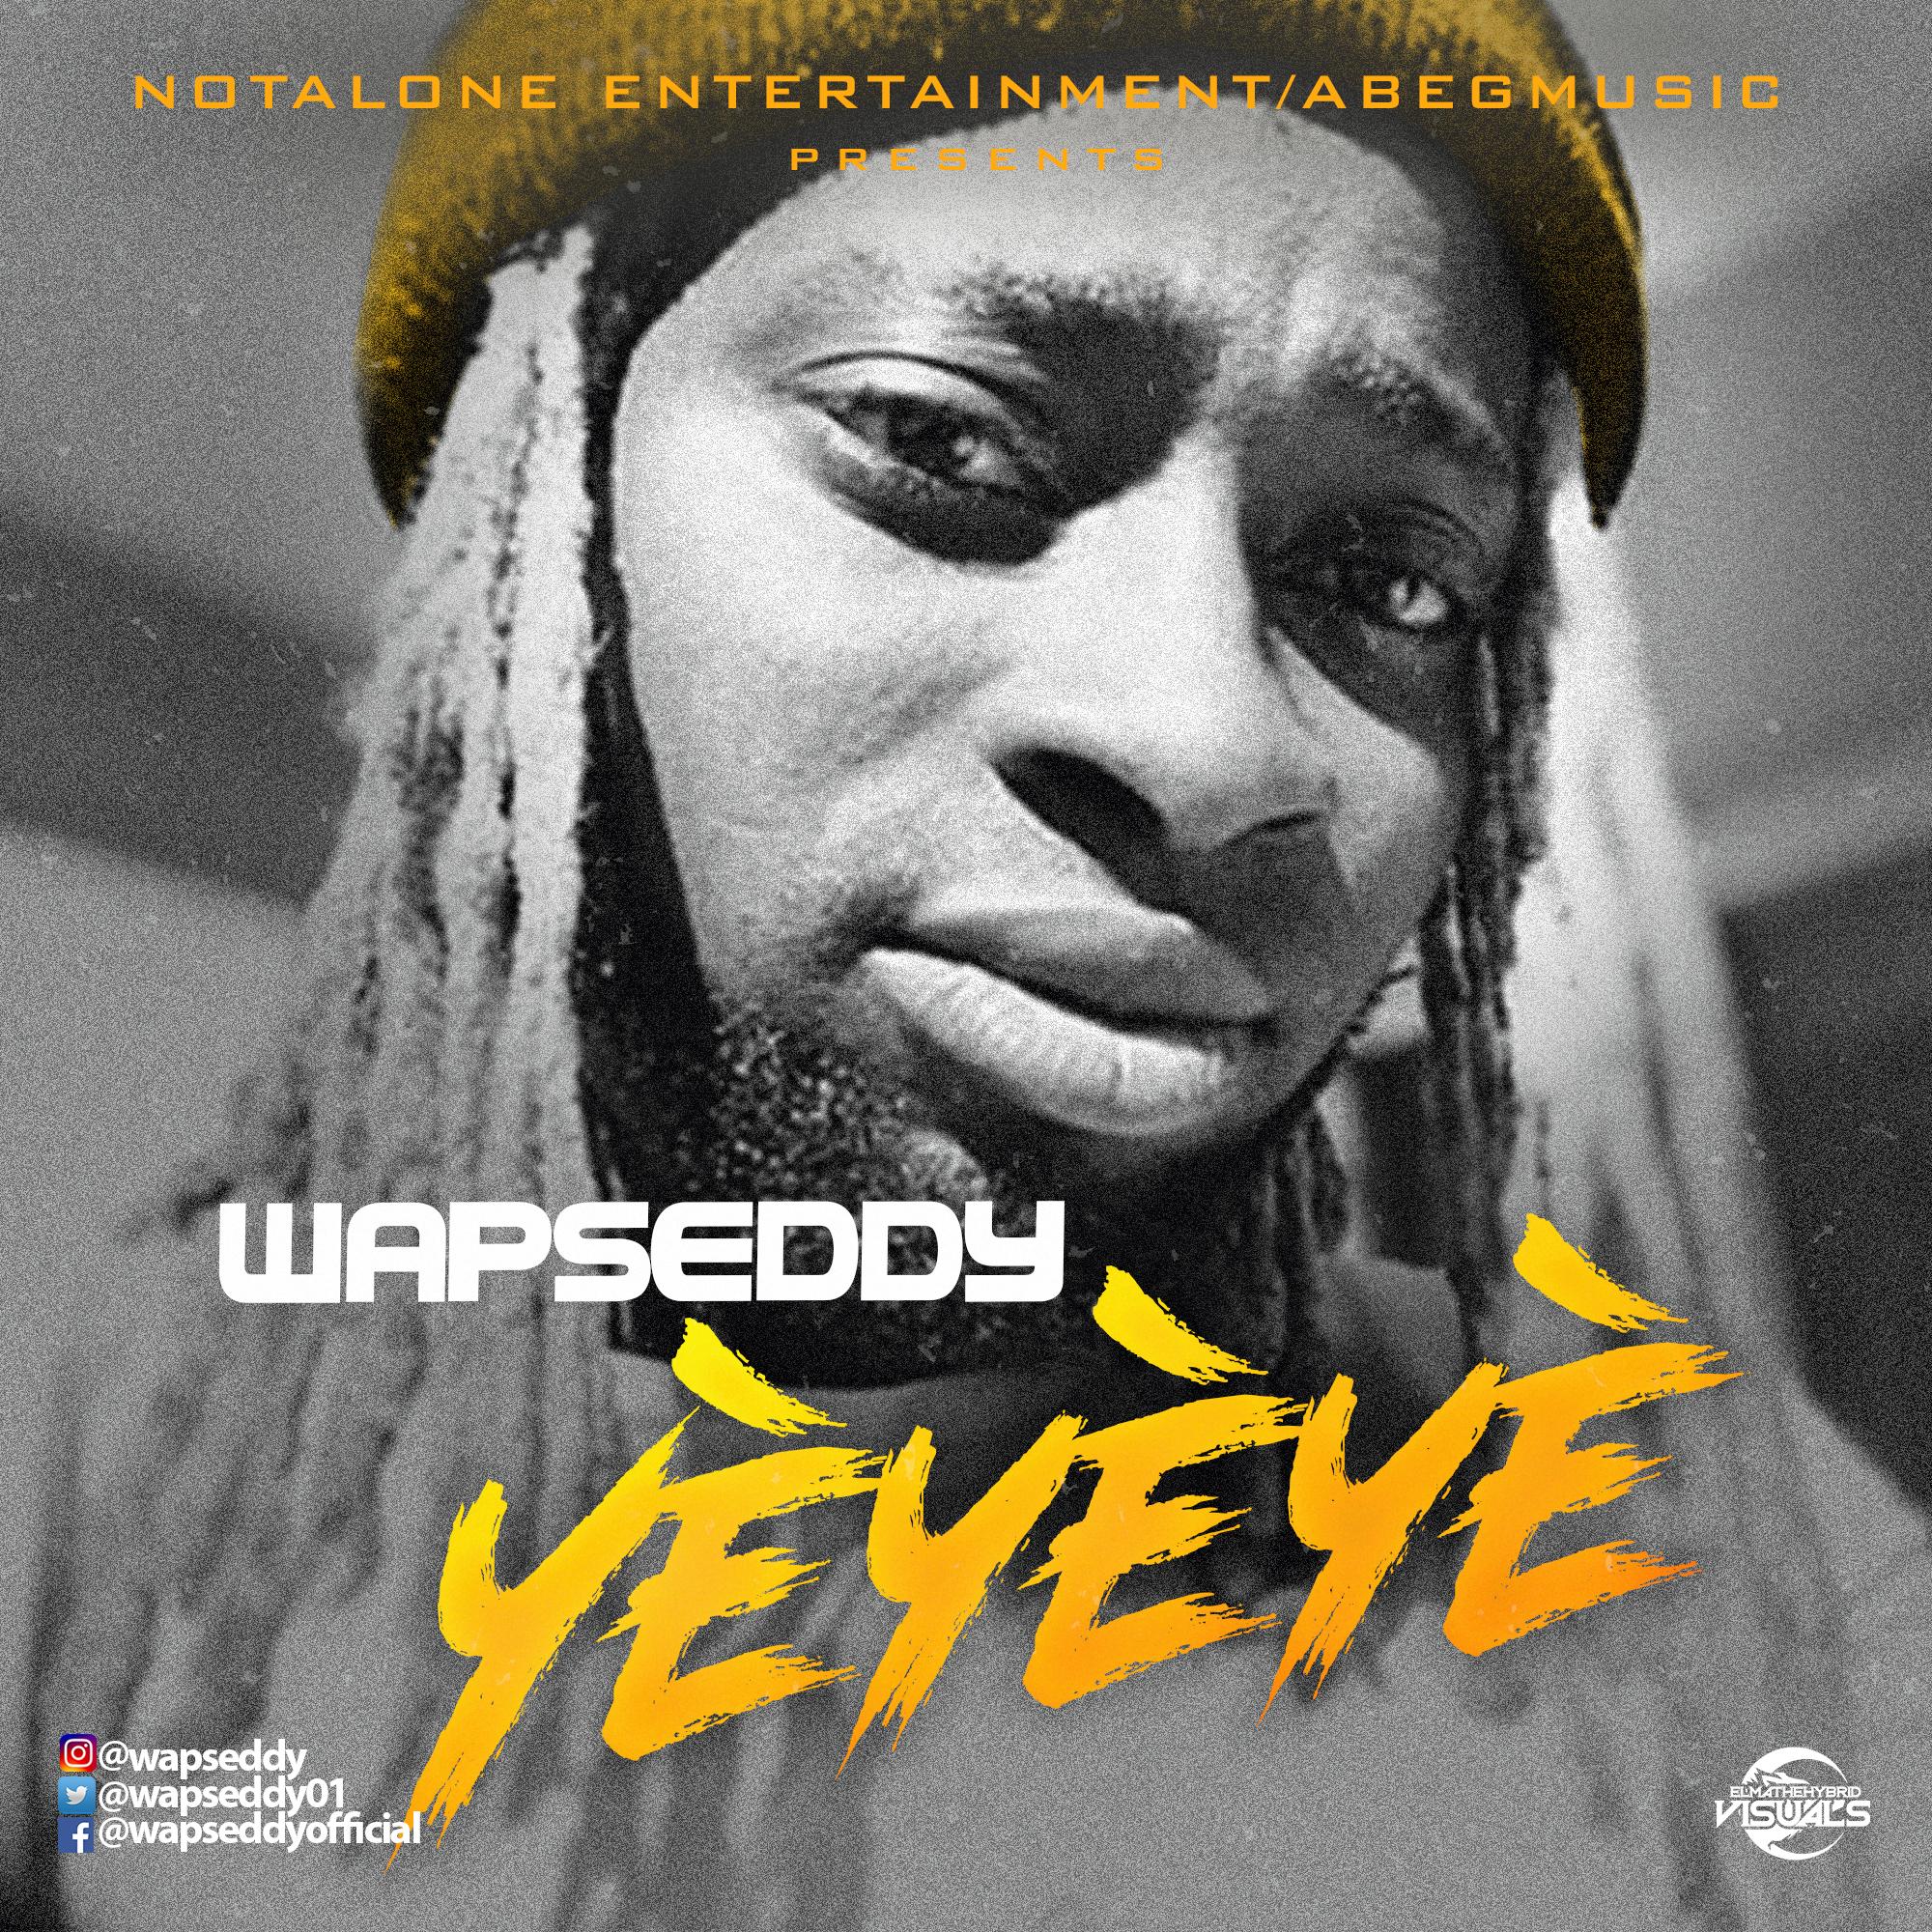 Wapseddy - Yeyeye